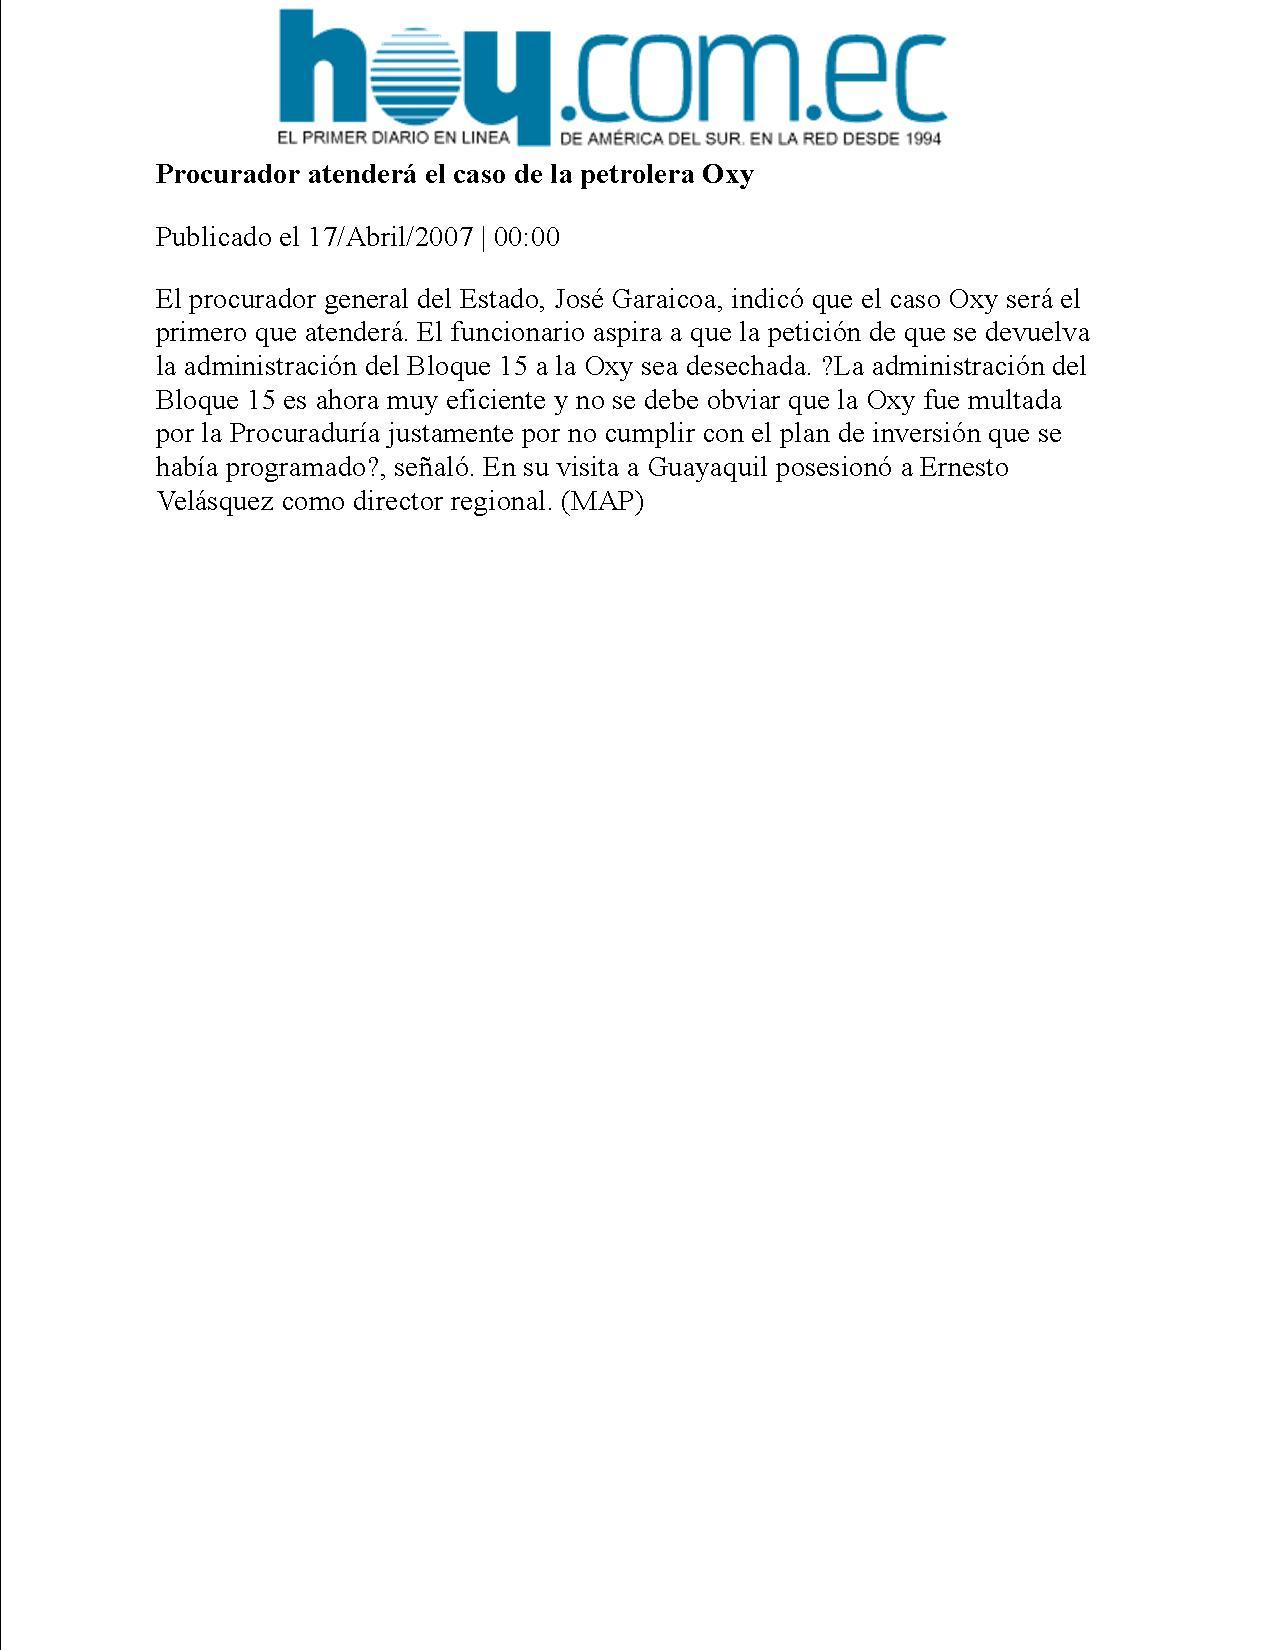 10-HOY 17-04-2007 Procurador atendera el caso de la petrolera Oxy